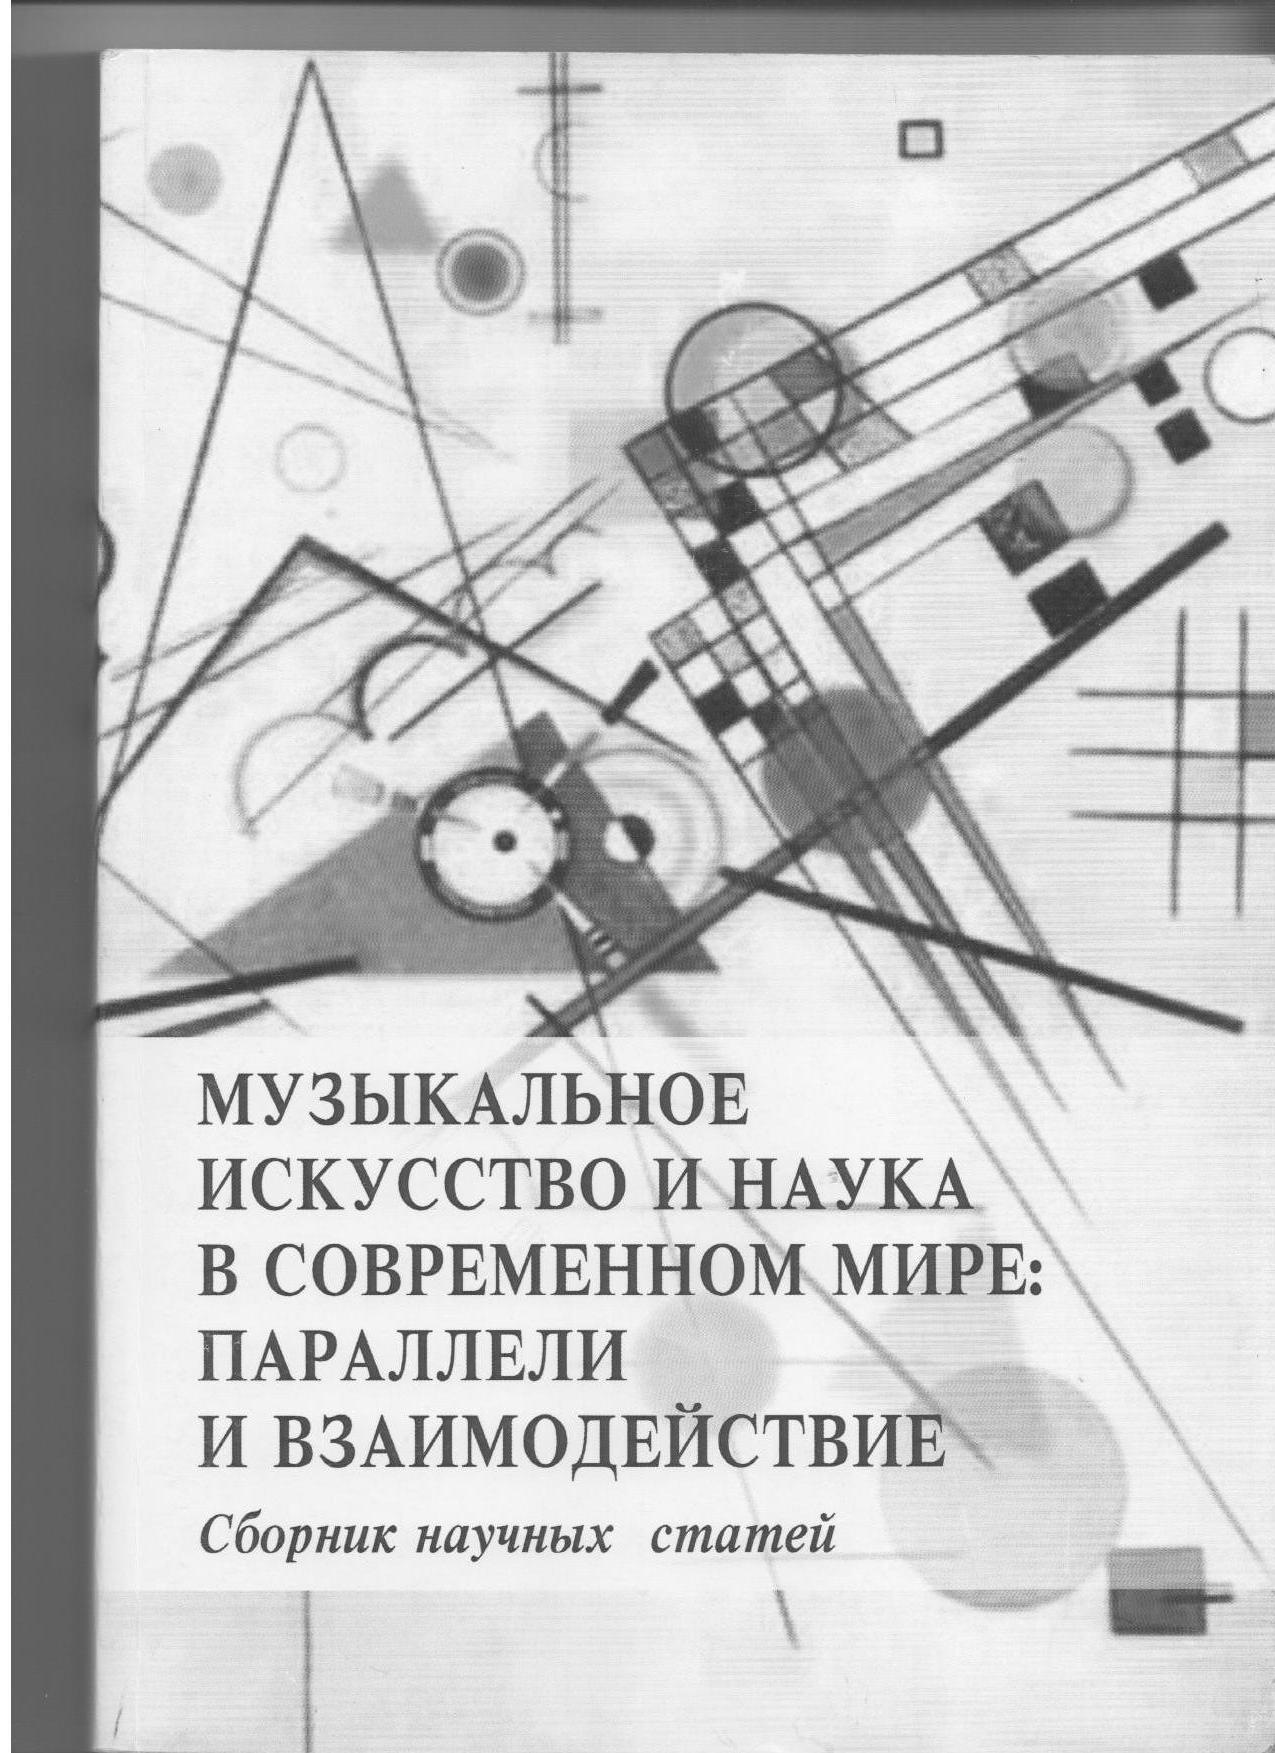 Музыкальное искусство и наука в современном мире: параллели и взаимодействие